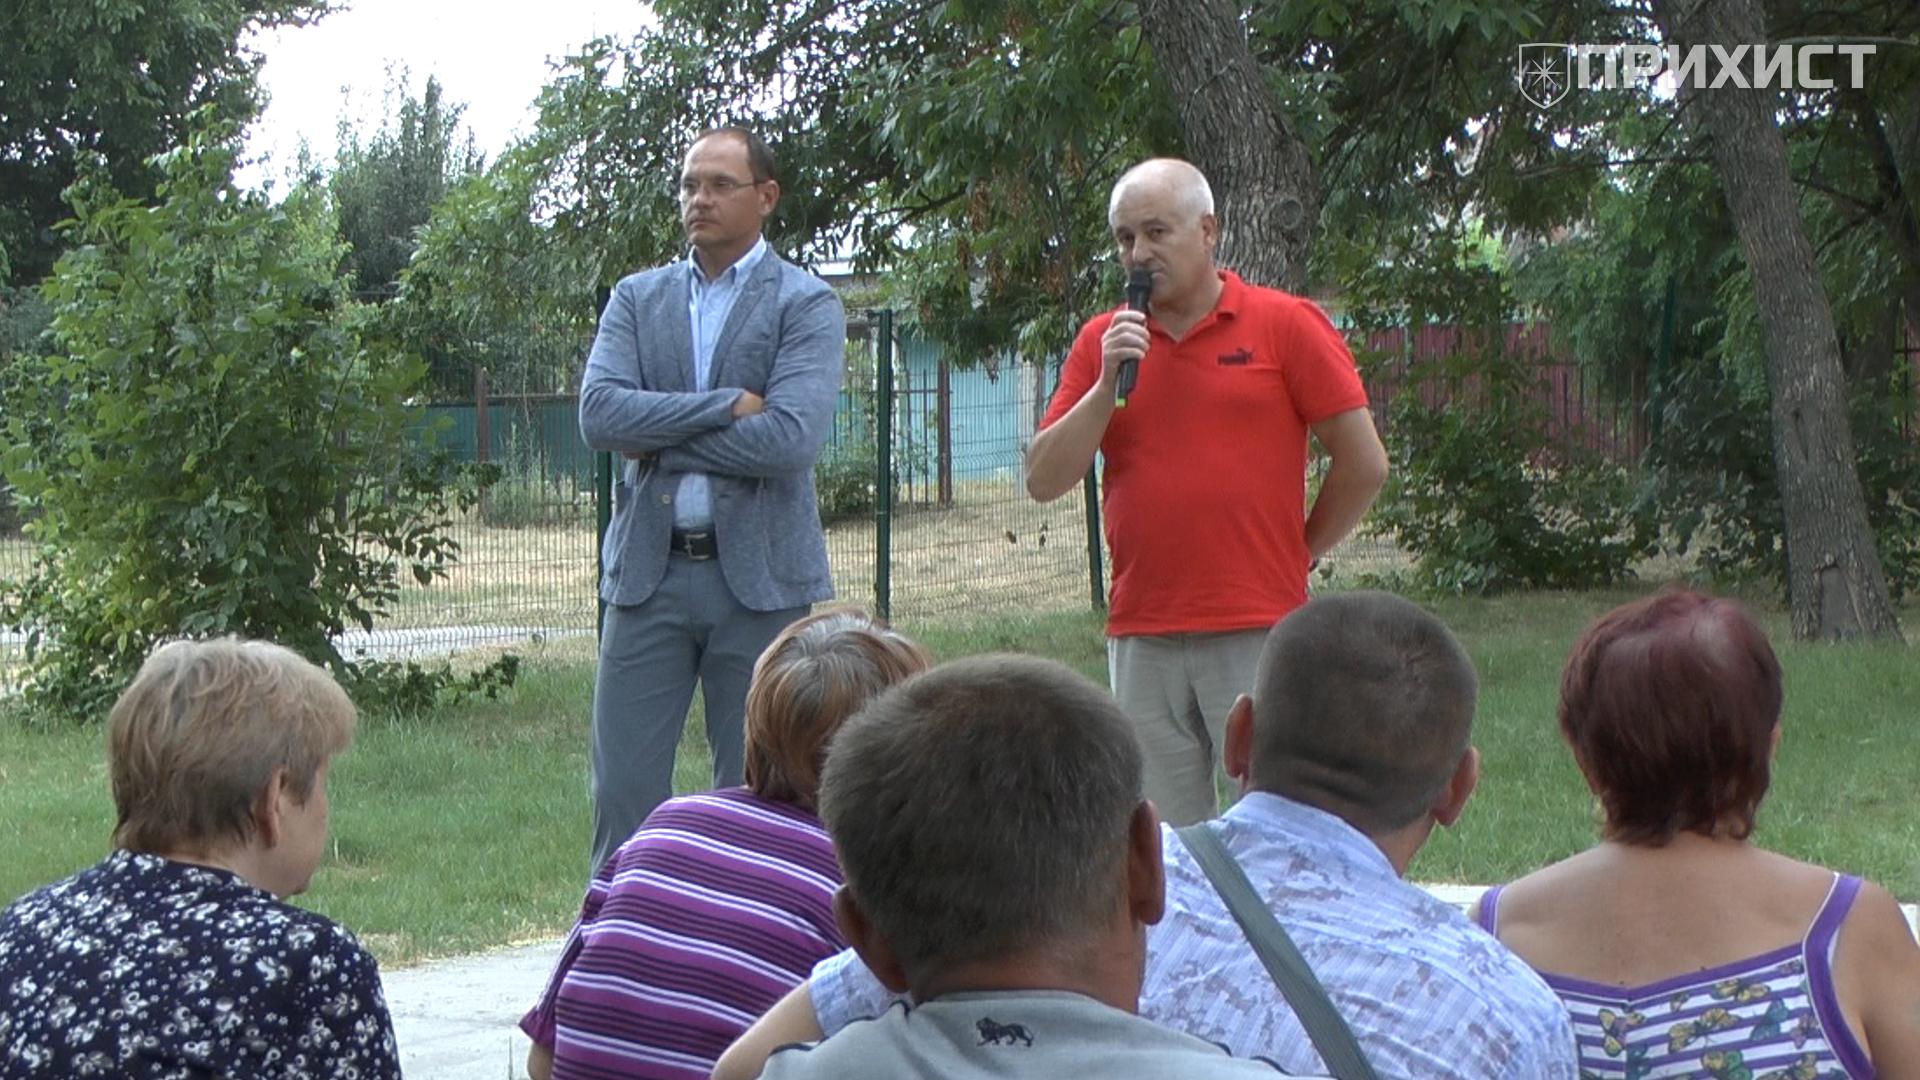 Встреча областного депутата с избирателями: детский сад, аптека и дороги | Прихист